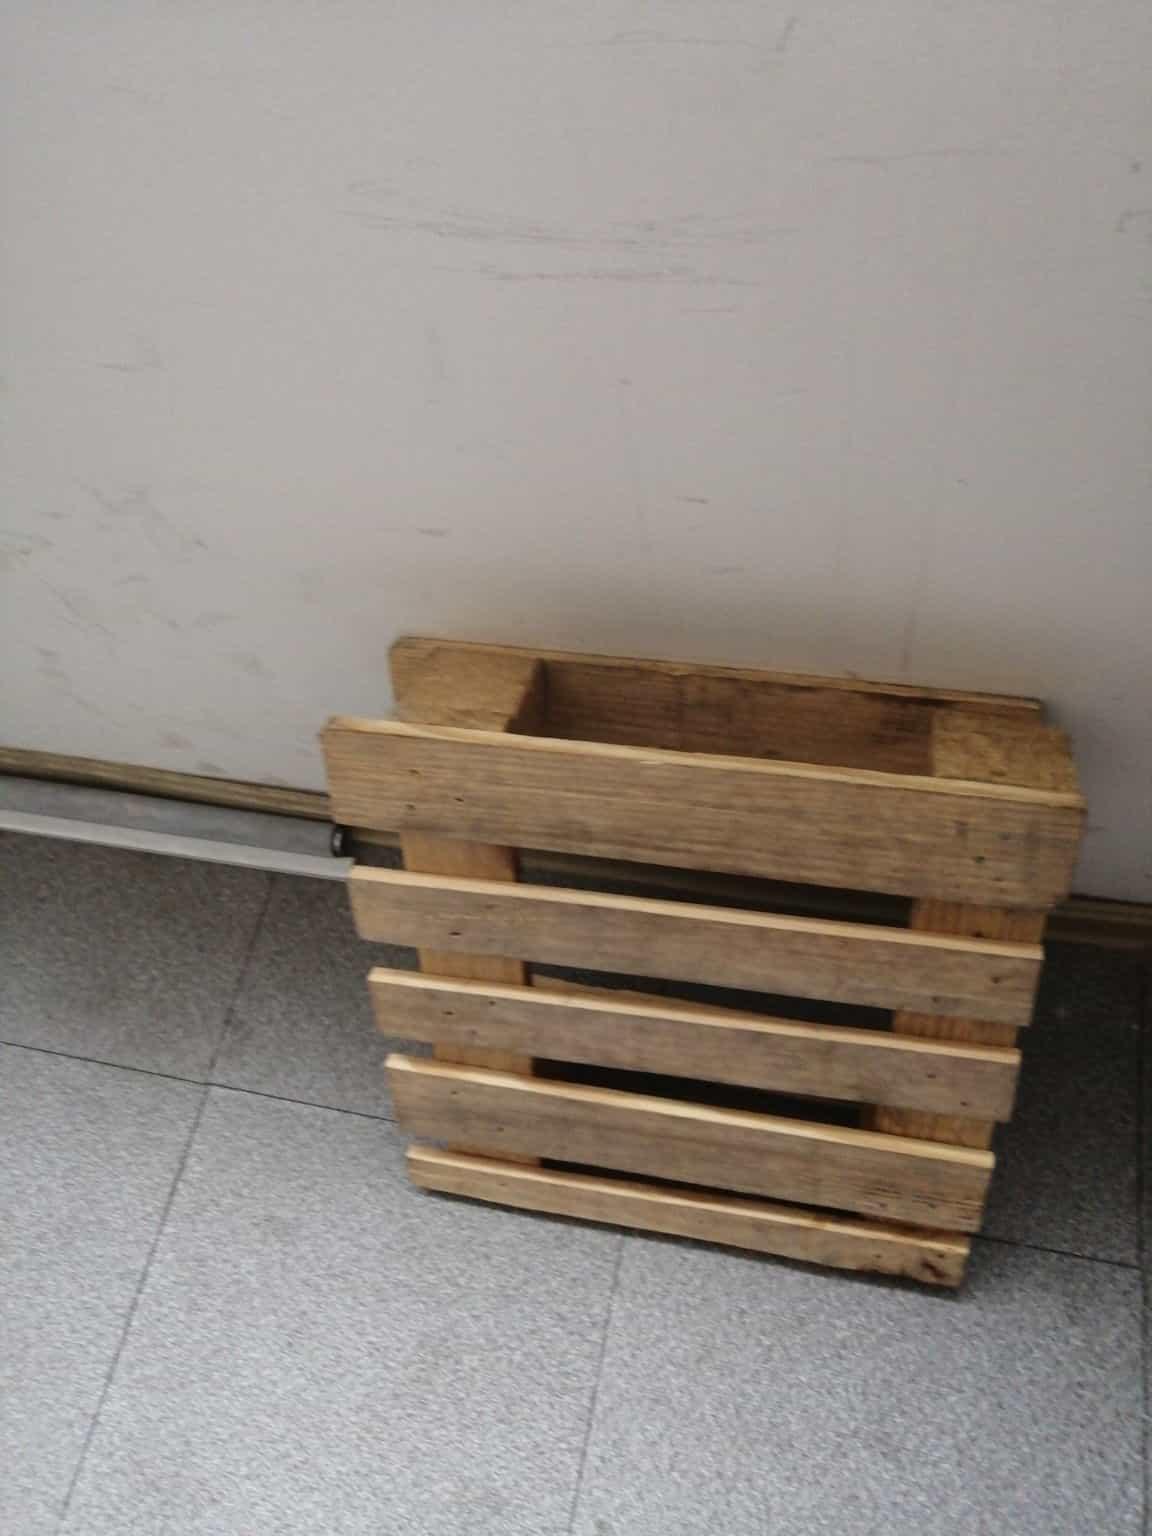 �, ◑➫∈�头多层板木托盘是一种�,✍┿㊠☎具工业托盘之功能、活动层板